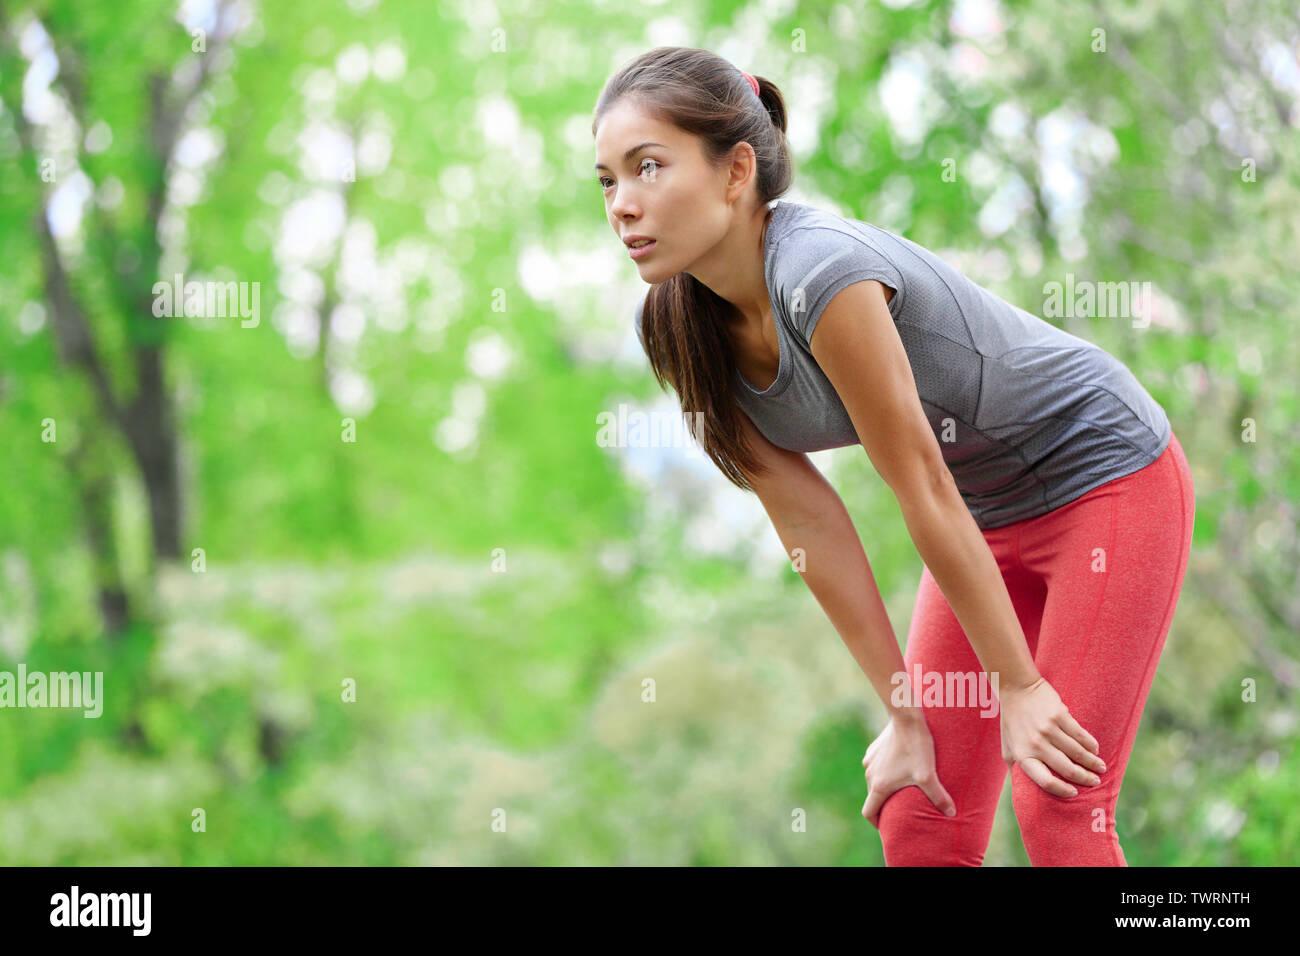 Asiatische Frau Athlet runner Ausruhen nach laufen und joggen Training draußen im Wald. Müde, erschöpft, schöne Sport Fitness Modell leben gesunden, aktiven Lebensstil. Gemischte Rasse asiatischen Kaukasischen. Stockfoto